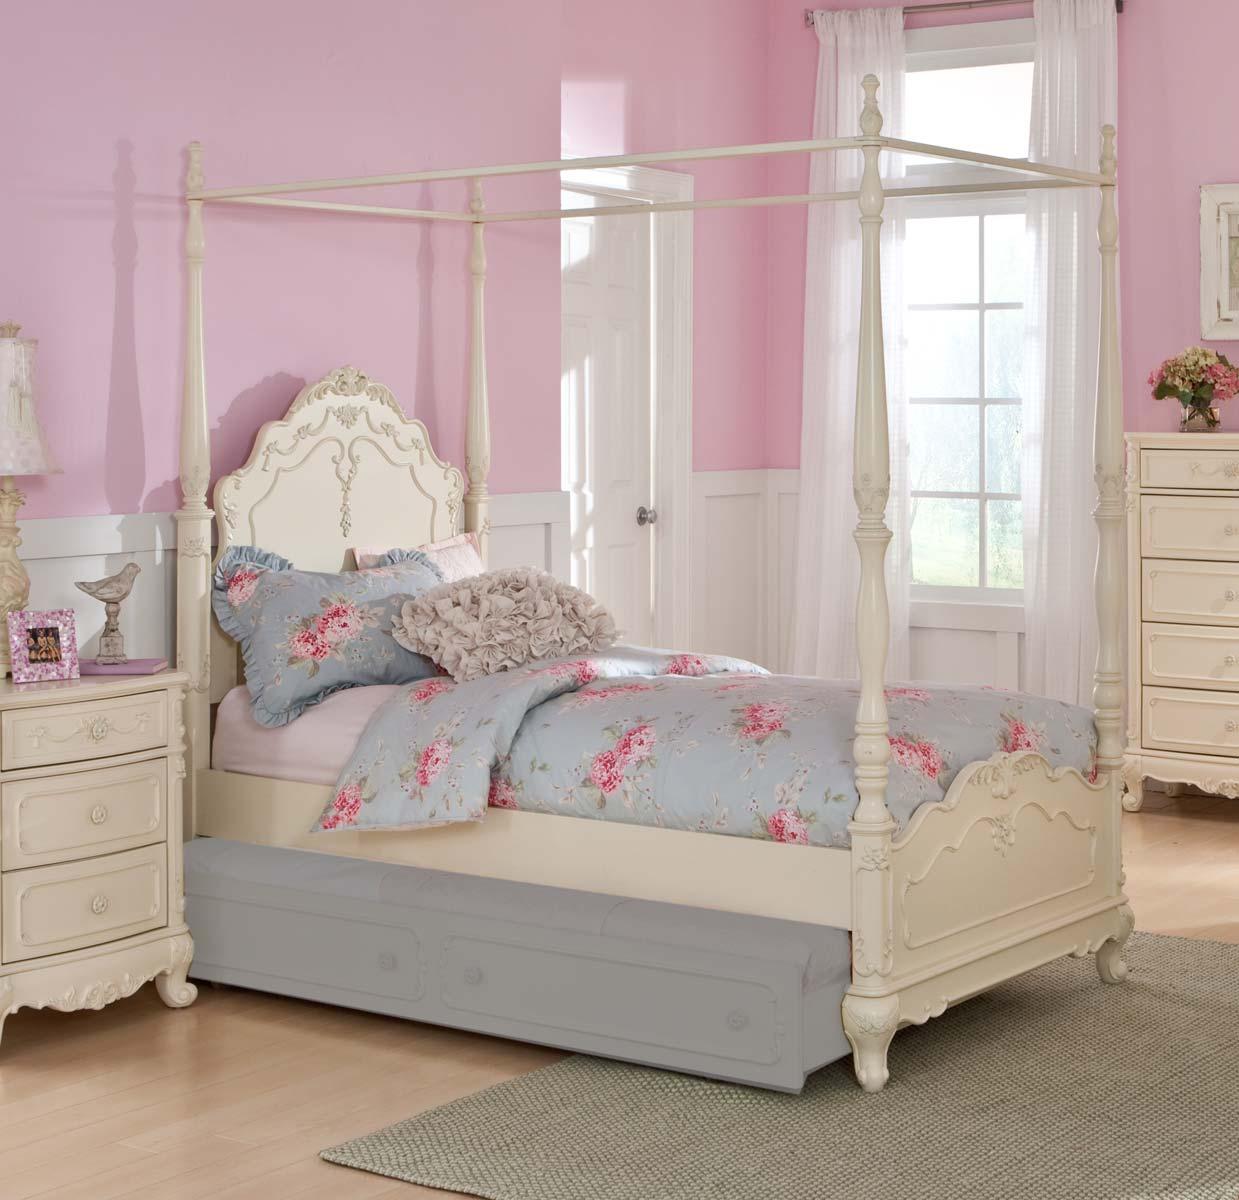 Homelegance Cinderella Poster Bedroom Set